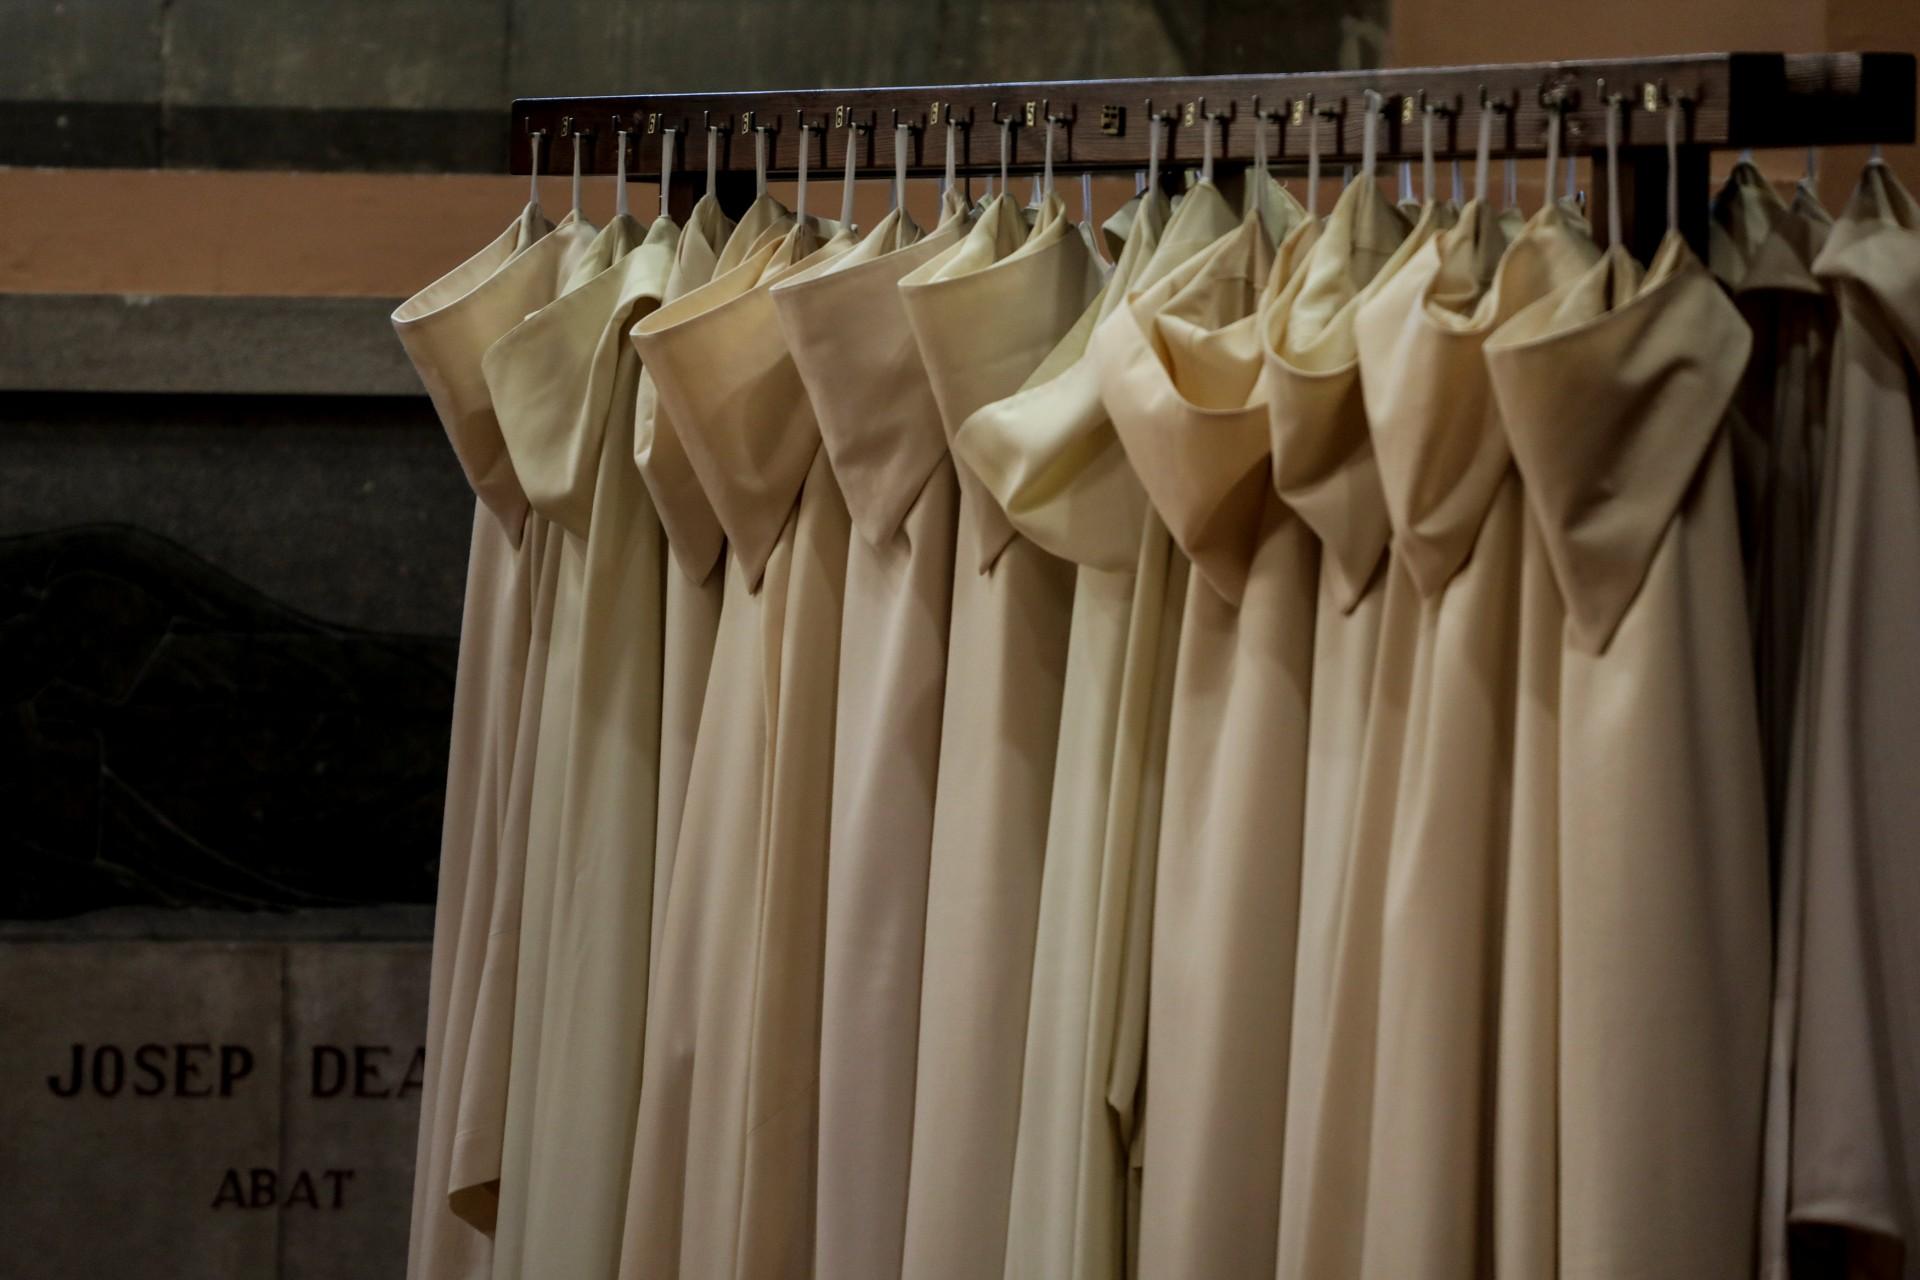 Las túnicas de los monjes se juntan durante una misa en la abadía de Montserrat, donde Miguel Hurtado dice que fue abusado sexualmente por un monje benedictino a la edad de 16 años.